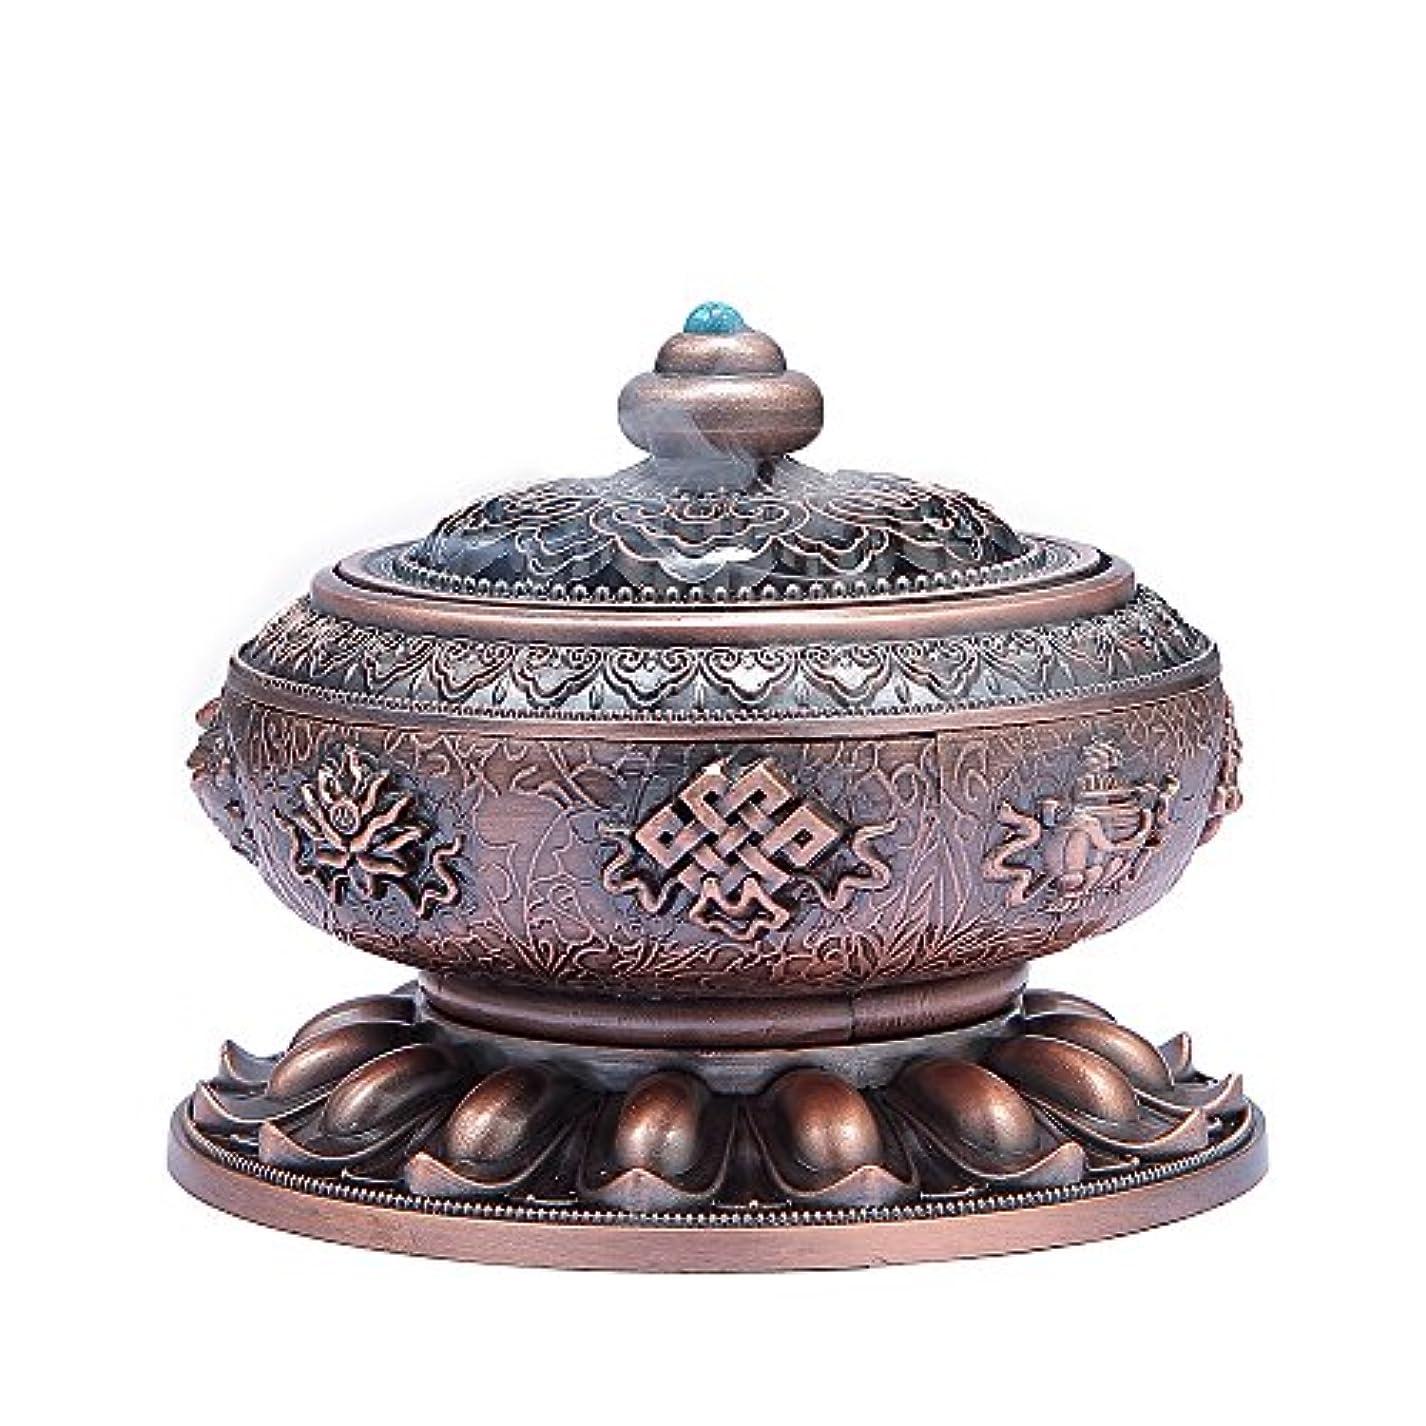 達成可能理容師好きであるMEDOOSKY Large Incense Holder Burner Tibet Lotus Copper Alloy( Stick/ Cone/ Coil Incense)